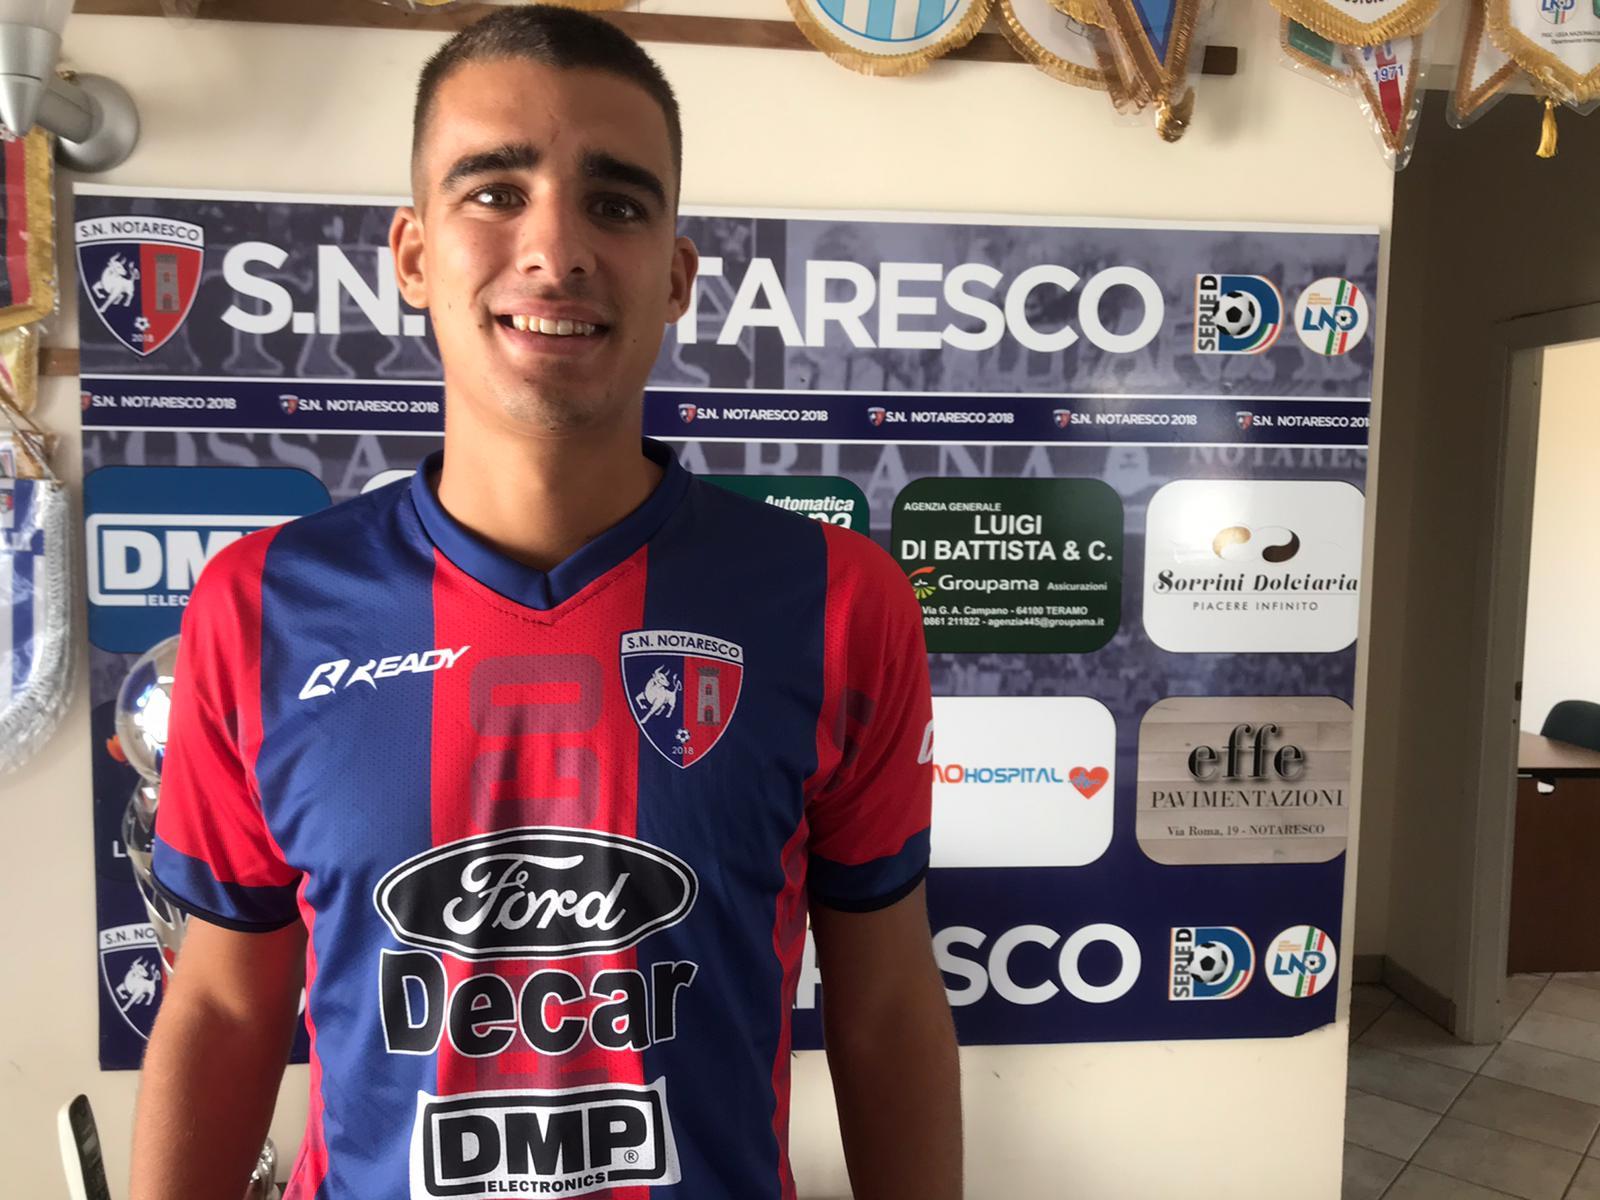 Tomás 'Toto' López, defensor central argentino-italiano de 23 años, es nuevo jugador del San Nicolo Notaresco, de la Serie D-F.